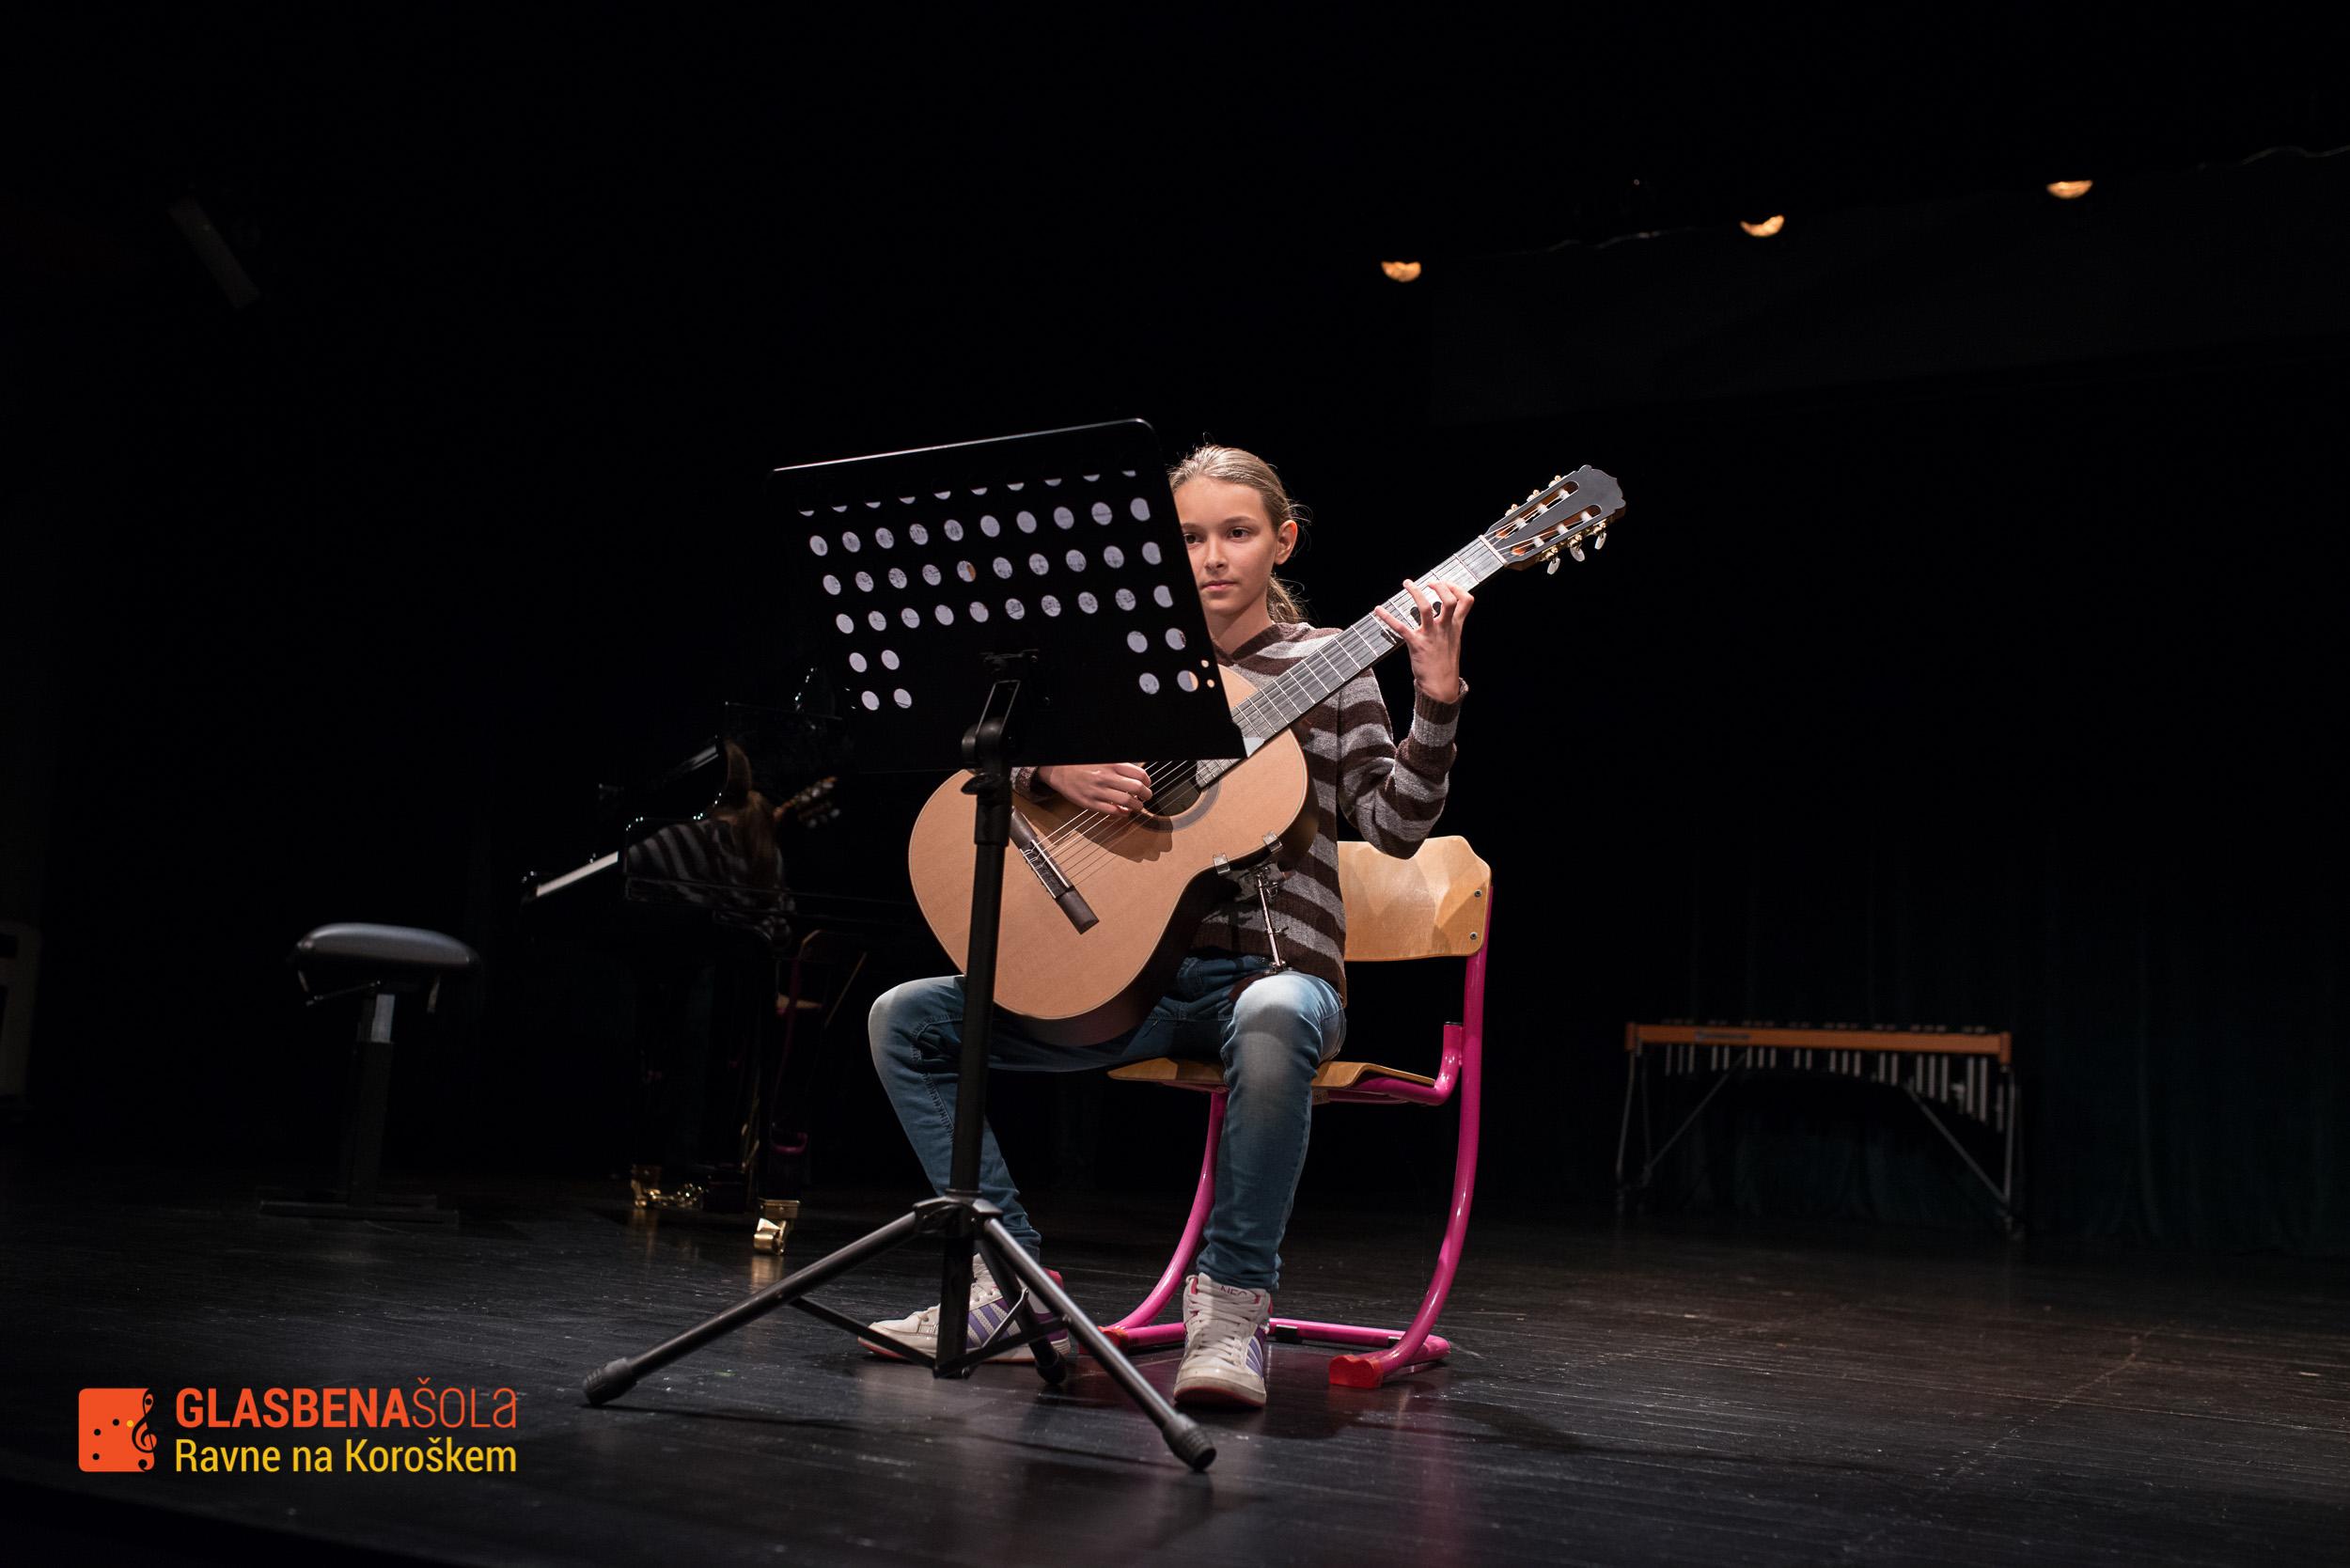 koncert-08-11-2014-14